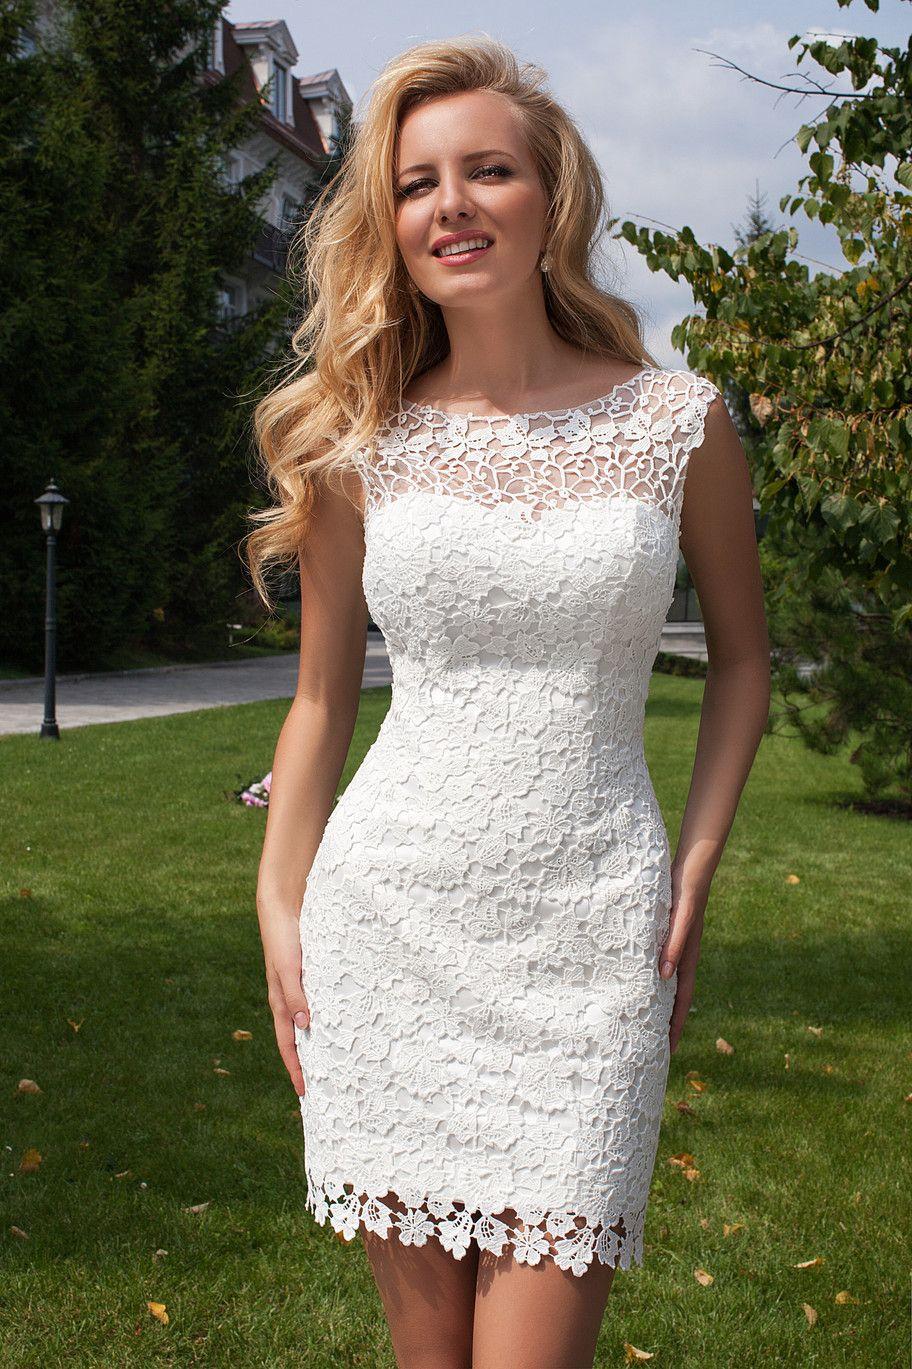 60926d5ec36 Curto Vestido de casamento com destacável saia de renda boêmio Sexy praia  Vestido de Noiva Vestido de Noiva em Vestidos de noiva de Casamentos e  Eventos no ...